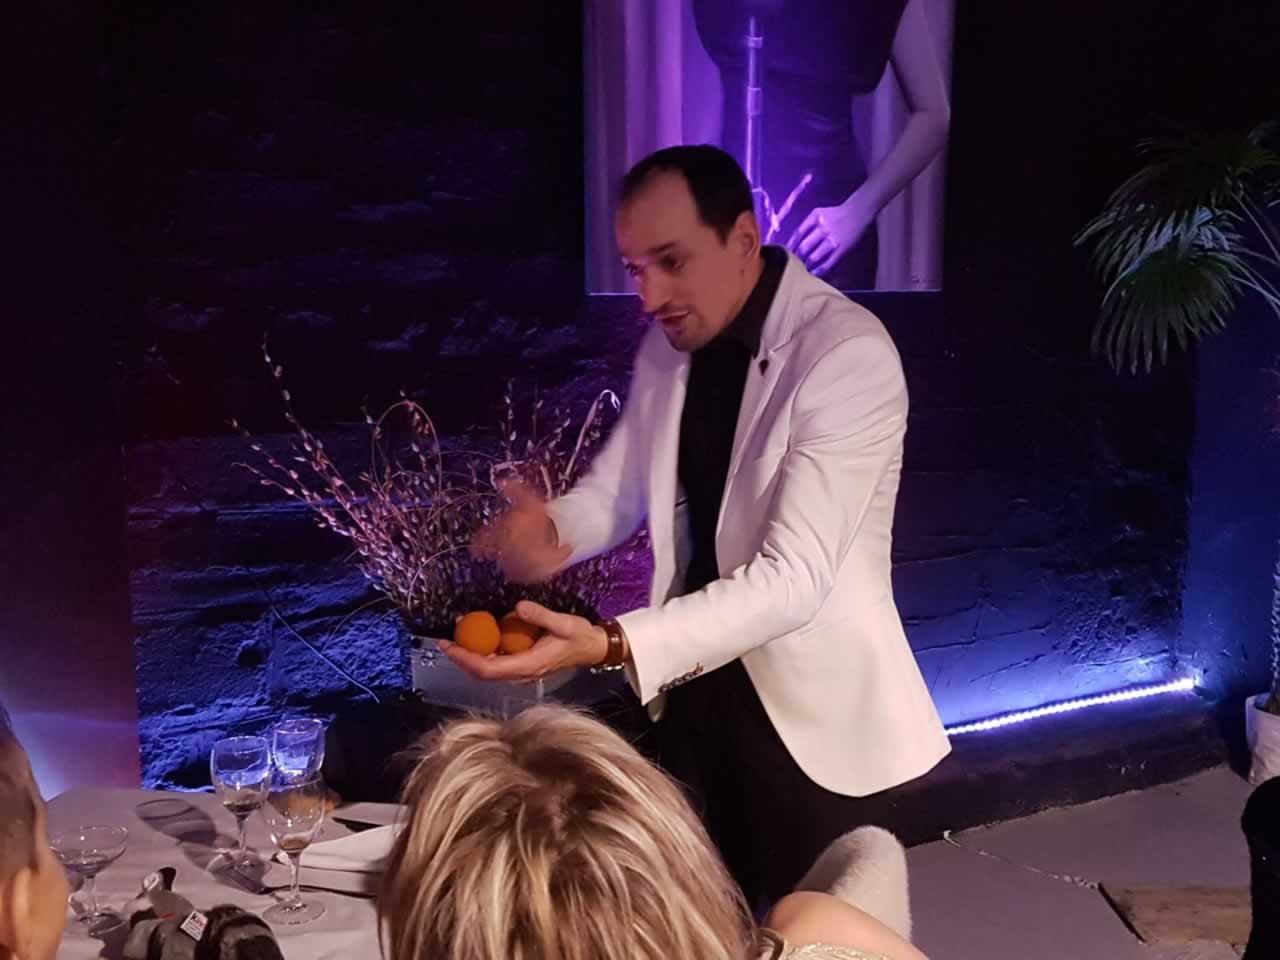 Julien Chauvin Magicien ventriloque  hypnotiseur  : Magicien Hypnotiseur Ventriloque